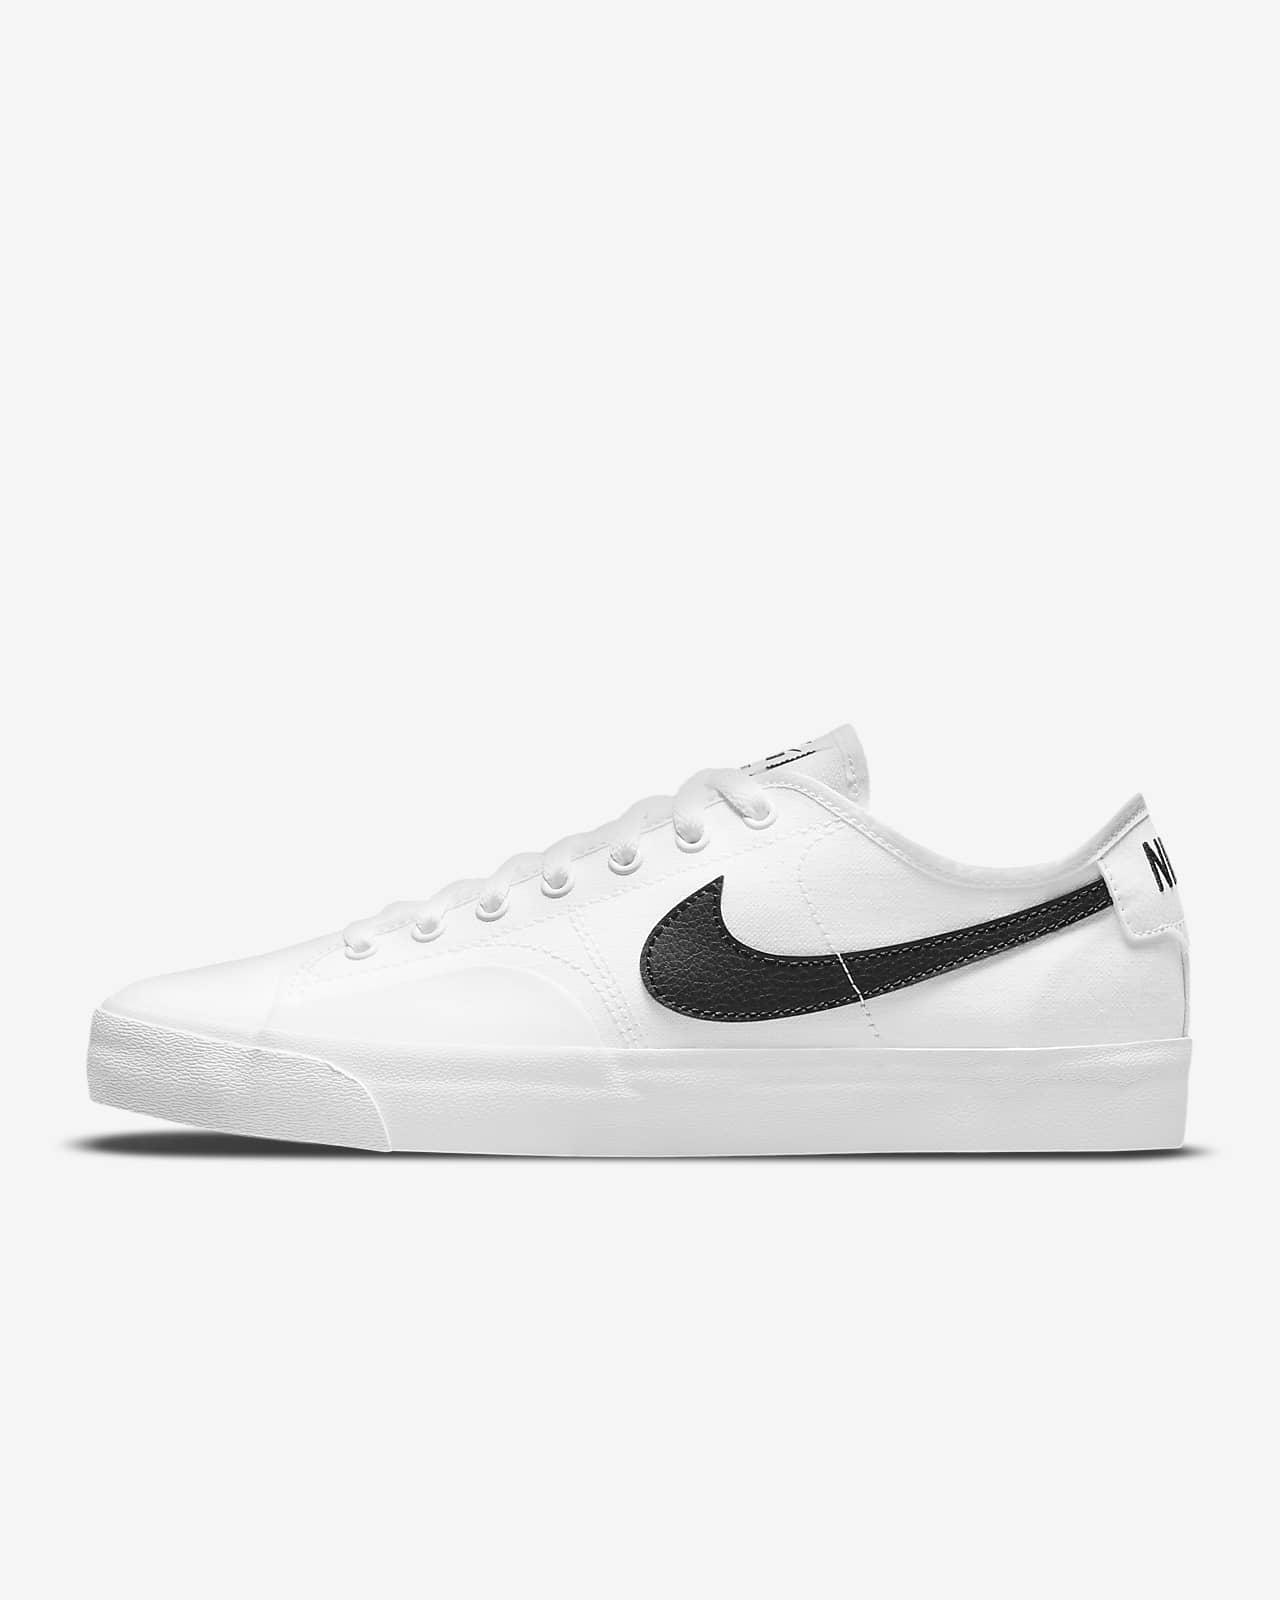 Nike SB BLZR Court Skateboardschuh